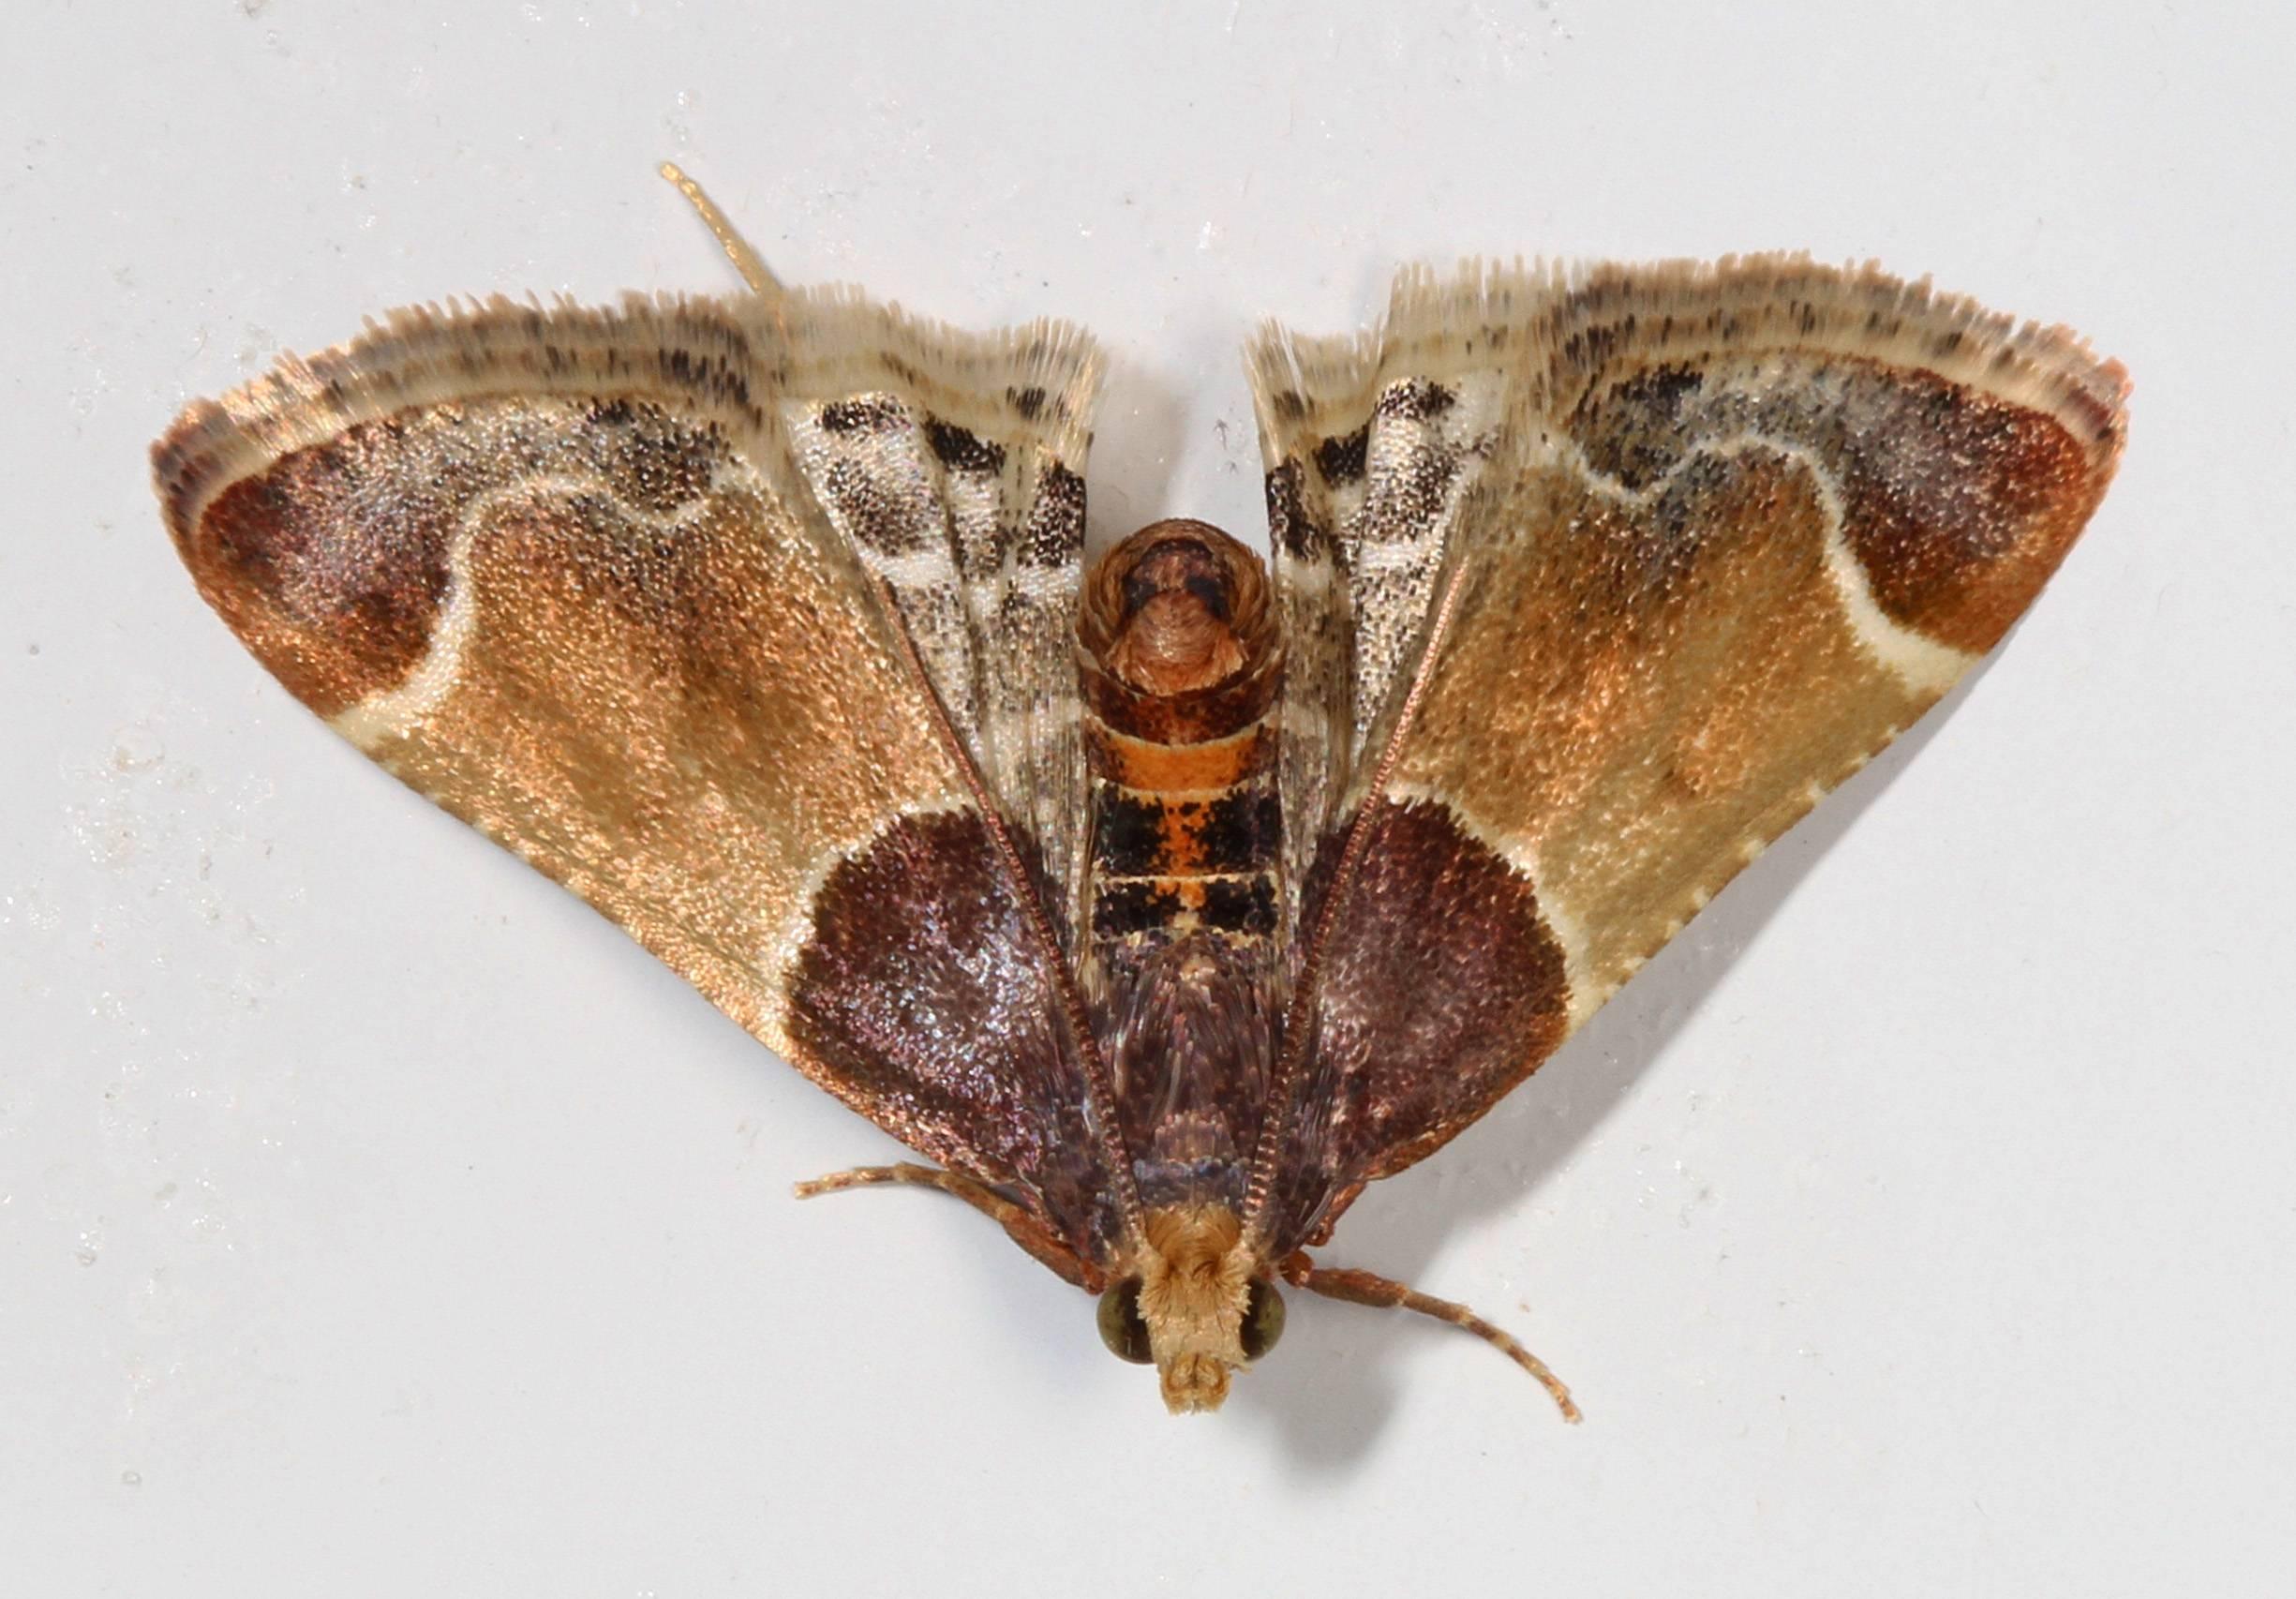 Бабочка огневка. виды бабочек огневок и как с ними бороться